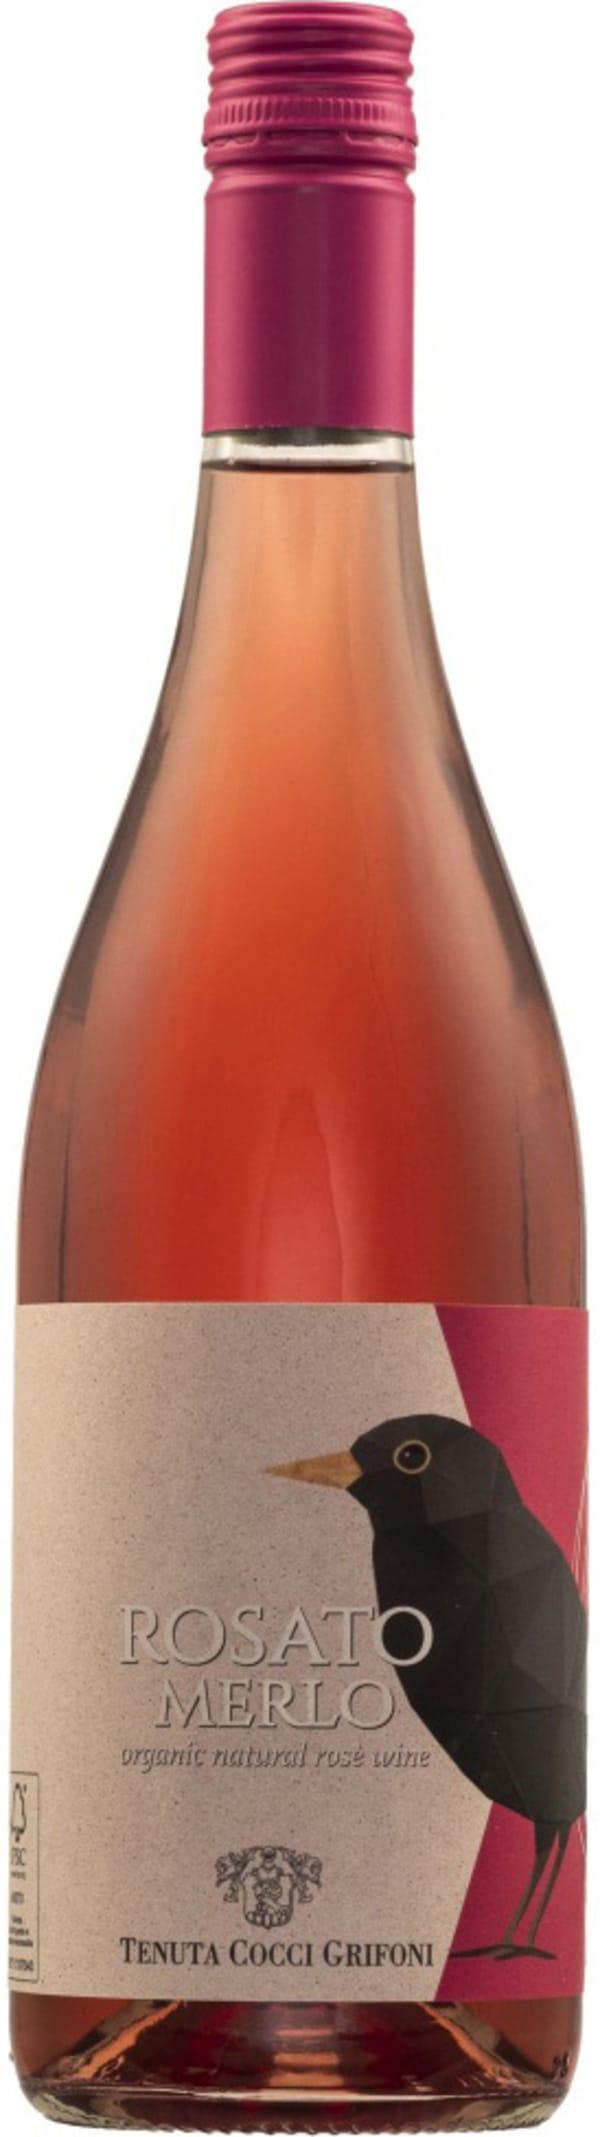 Cocci Grifoni Merlo Rosé 2020